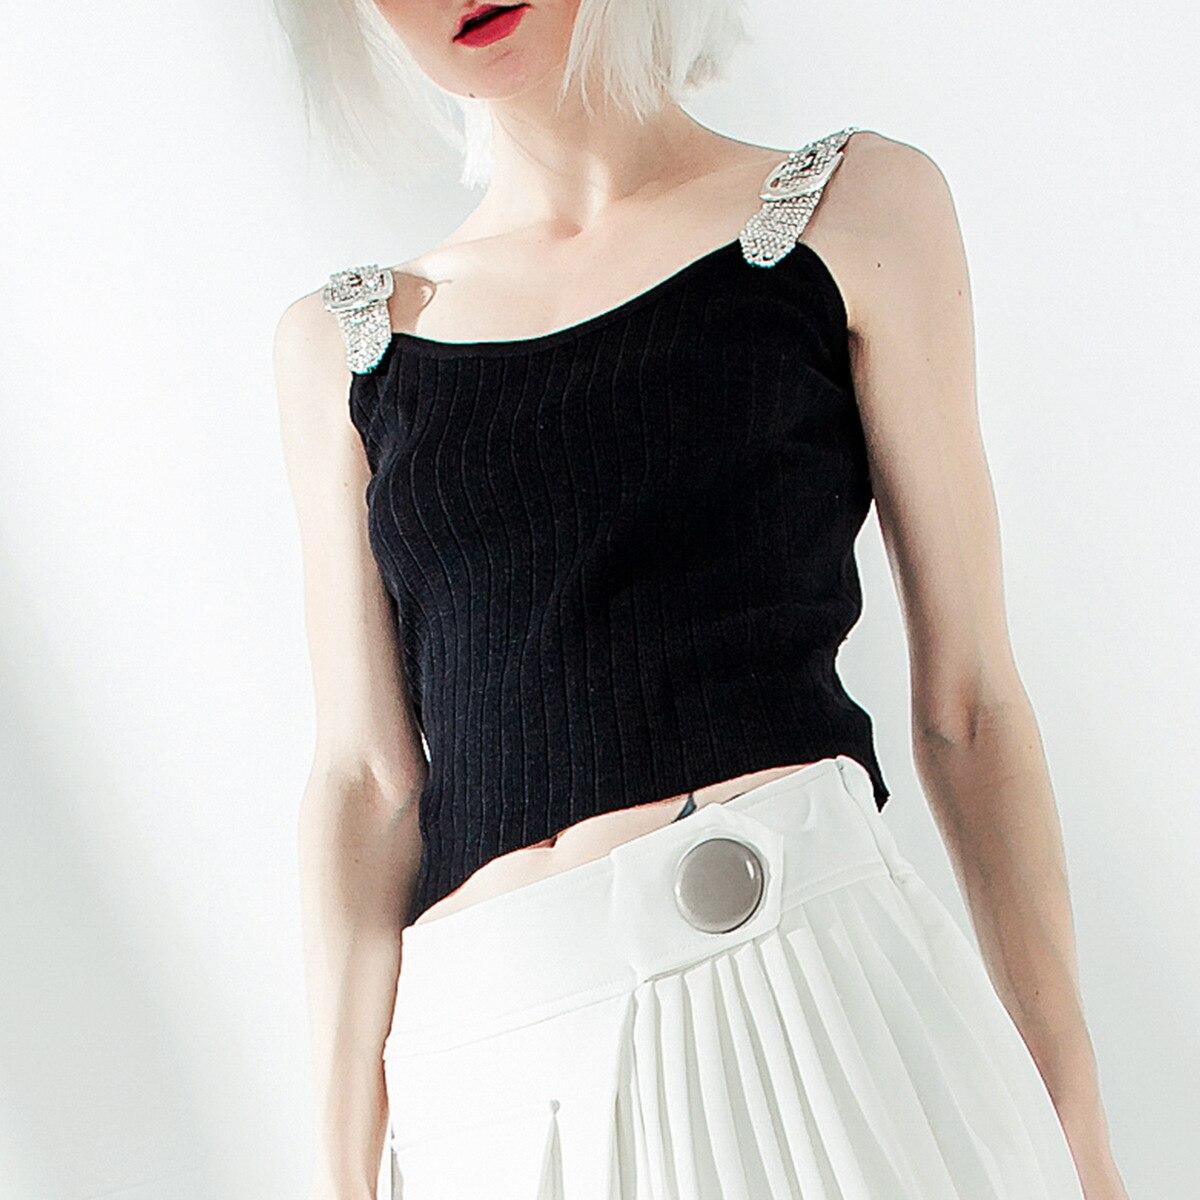 2019 été nouveau designer crop hauts femmes sexy élégant noir/blanc diamants sangle mince tricot camis mode rue style réservoir hauts